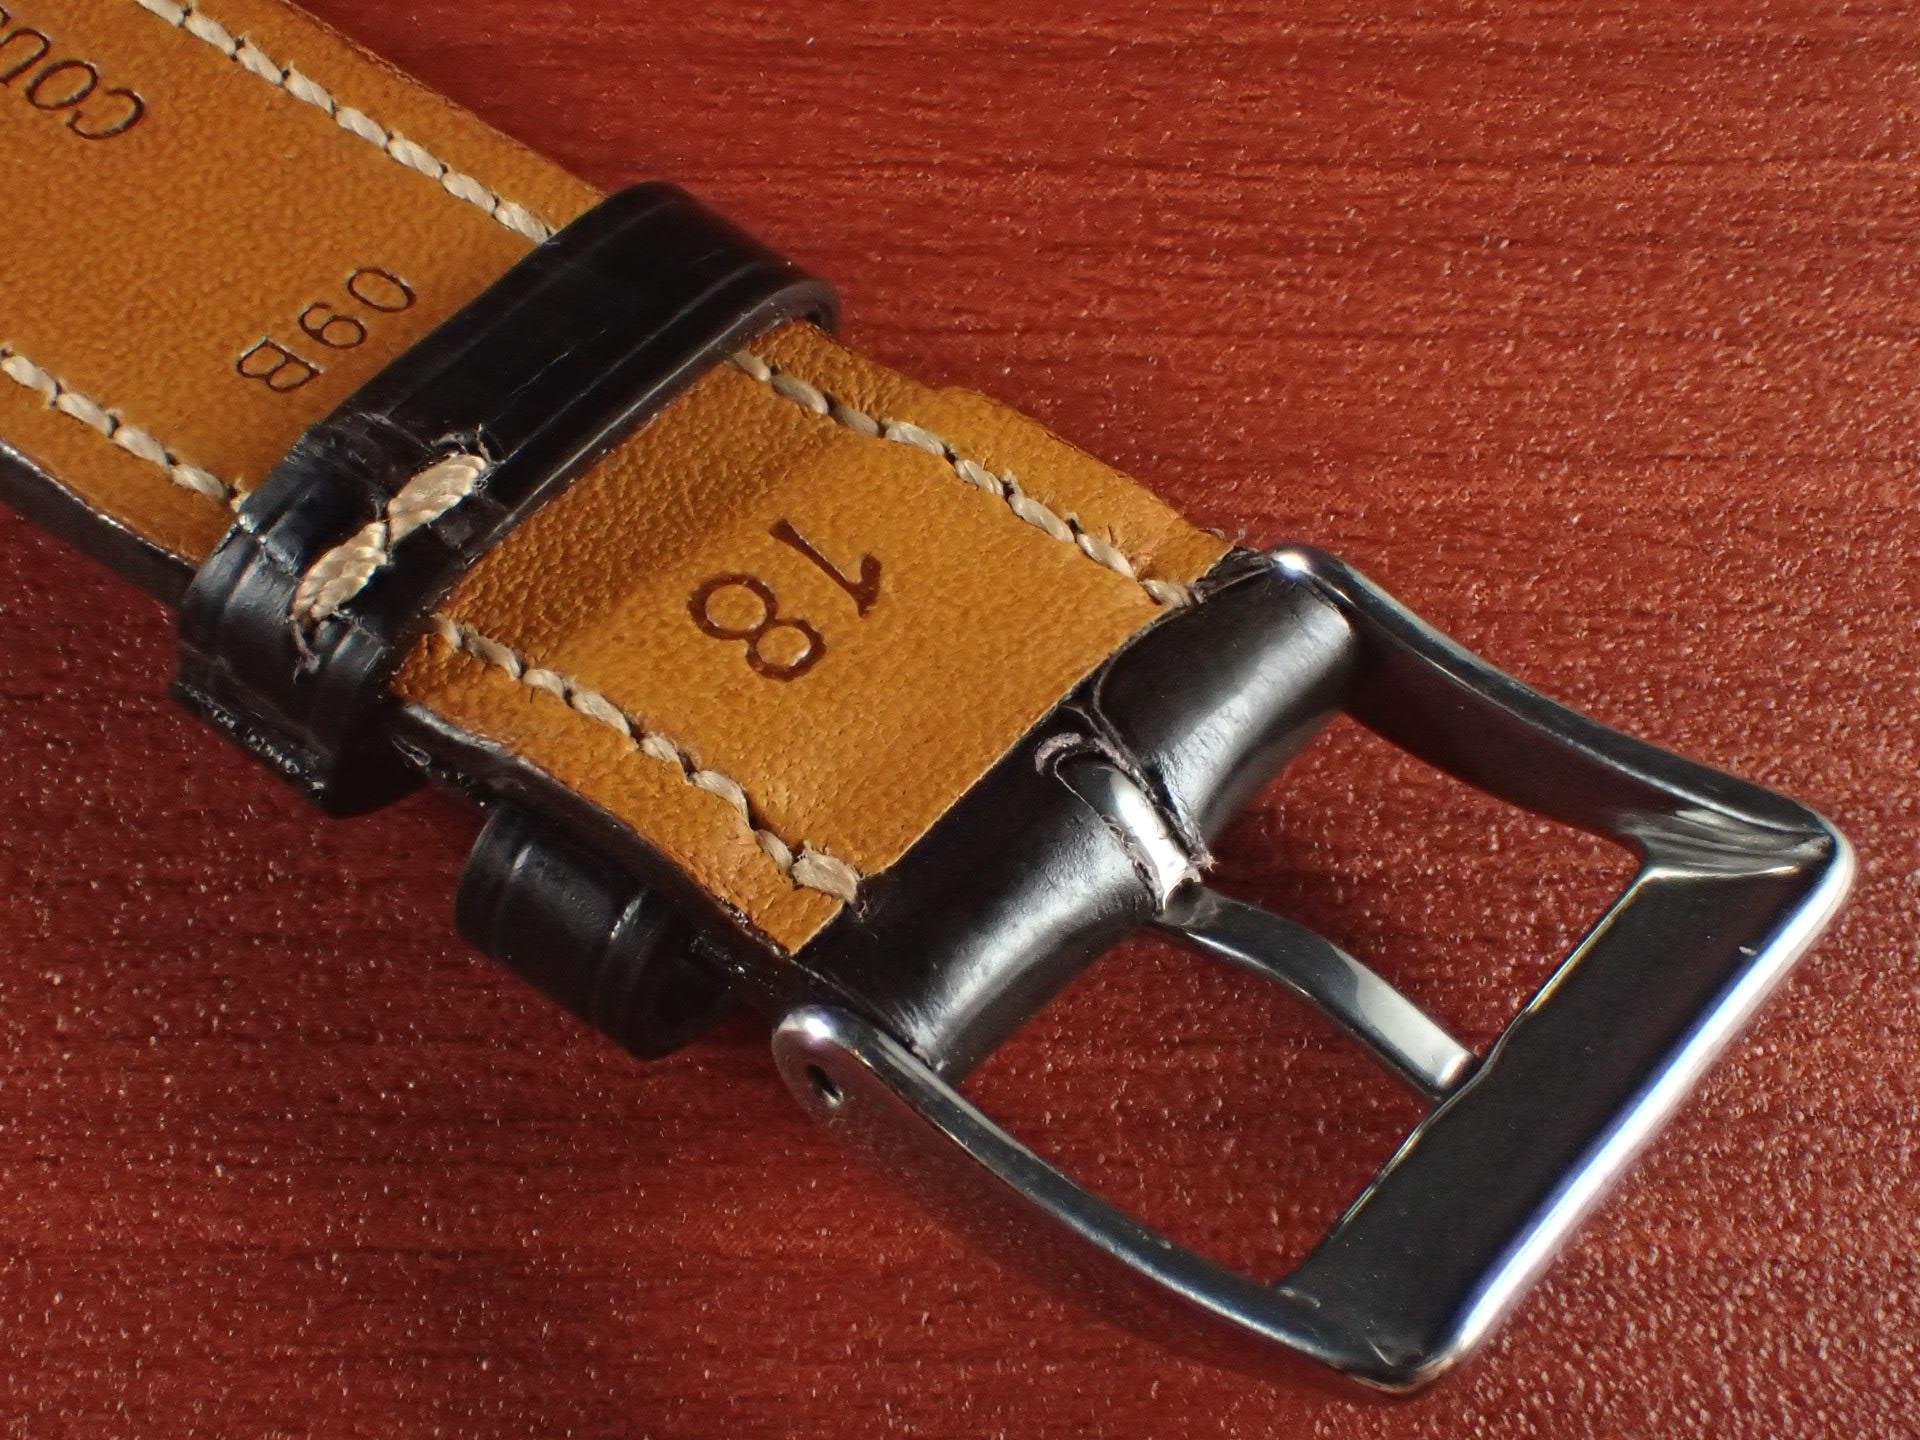 ジャン・クロード ペラン革ベルト クロコダイル チョコレート(シャイニー) 18mmの写真4枚目